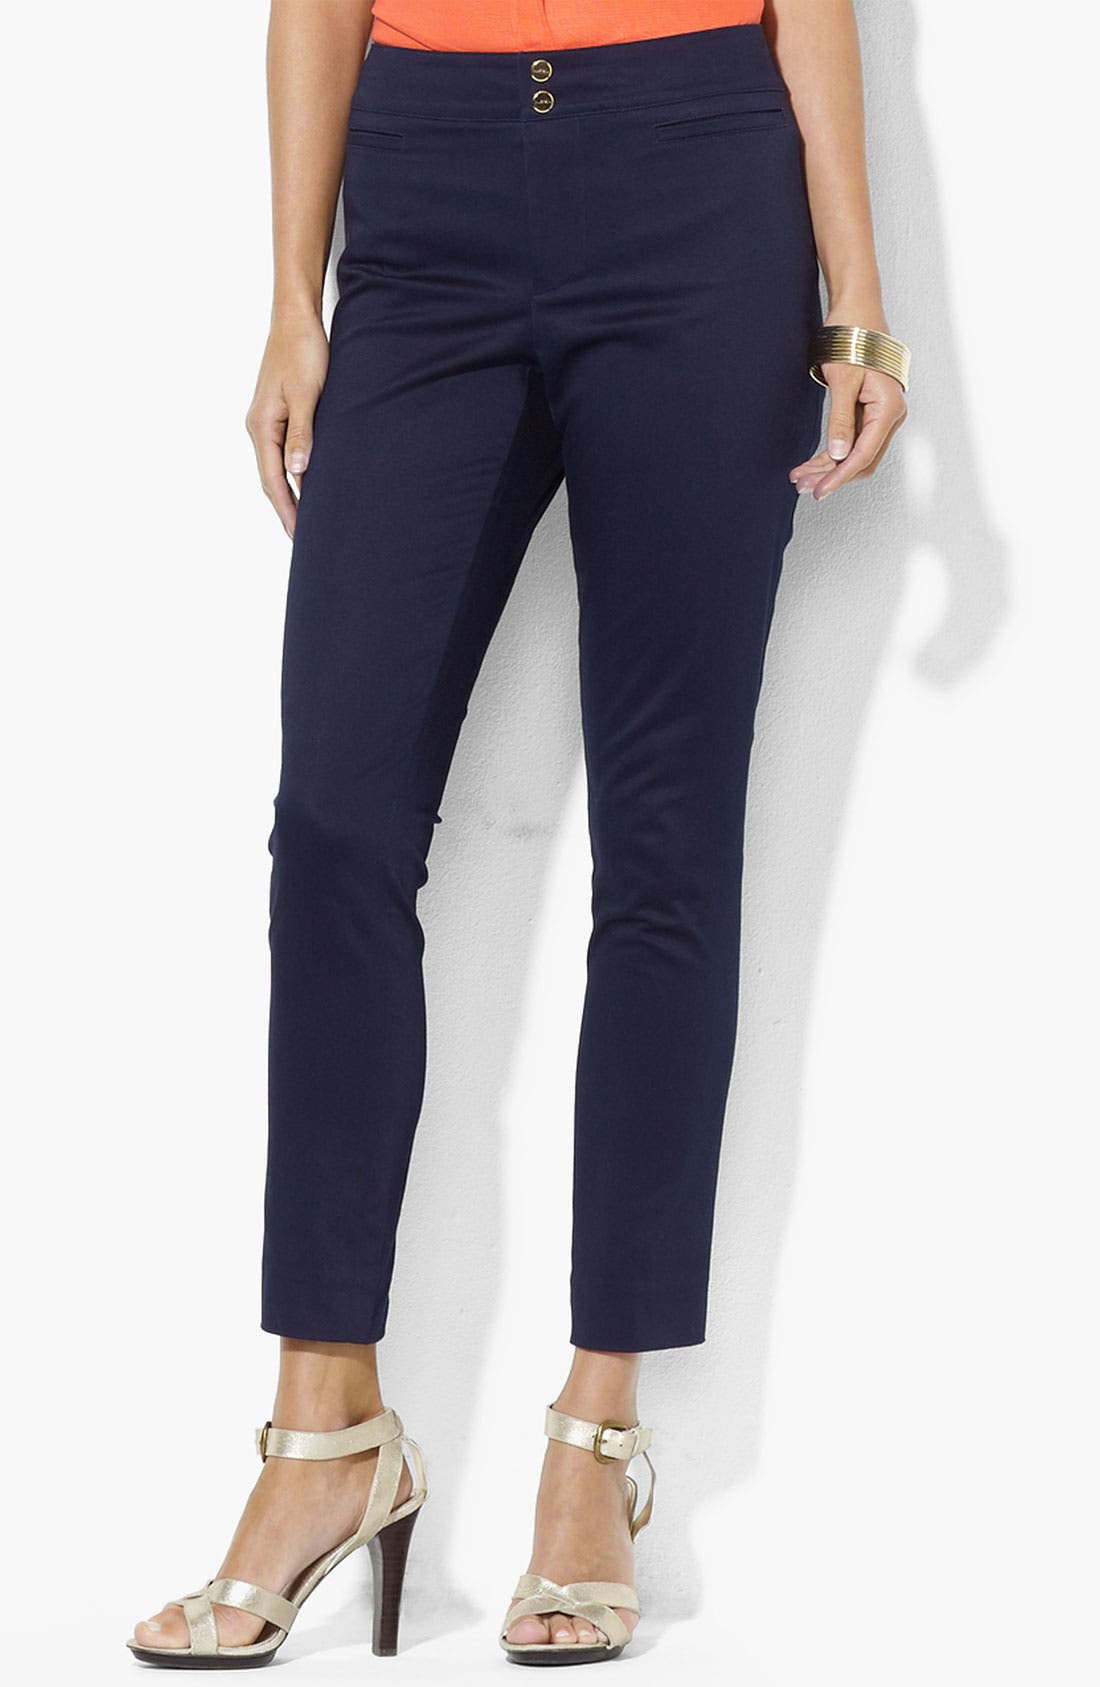 Main Image - Lauren Ralph Lauren Slim Stretch Cotton Pants (Petite) (Online Exclusive)